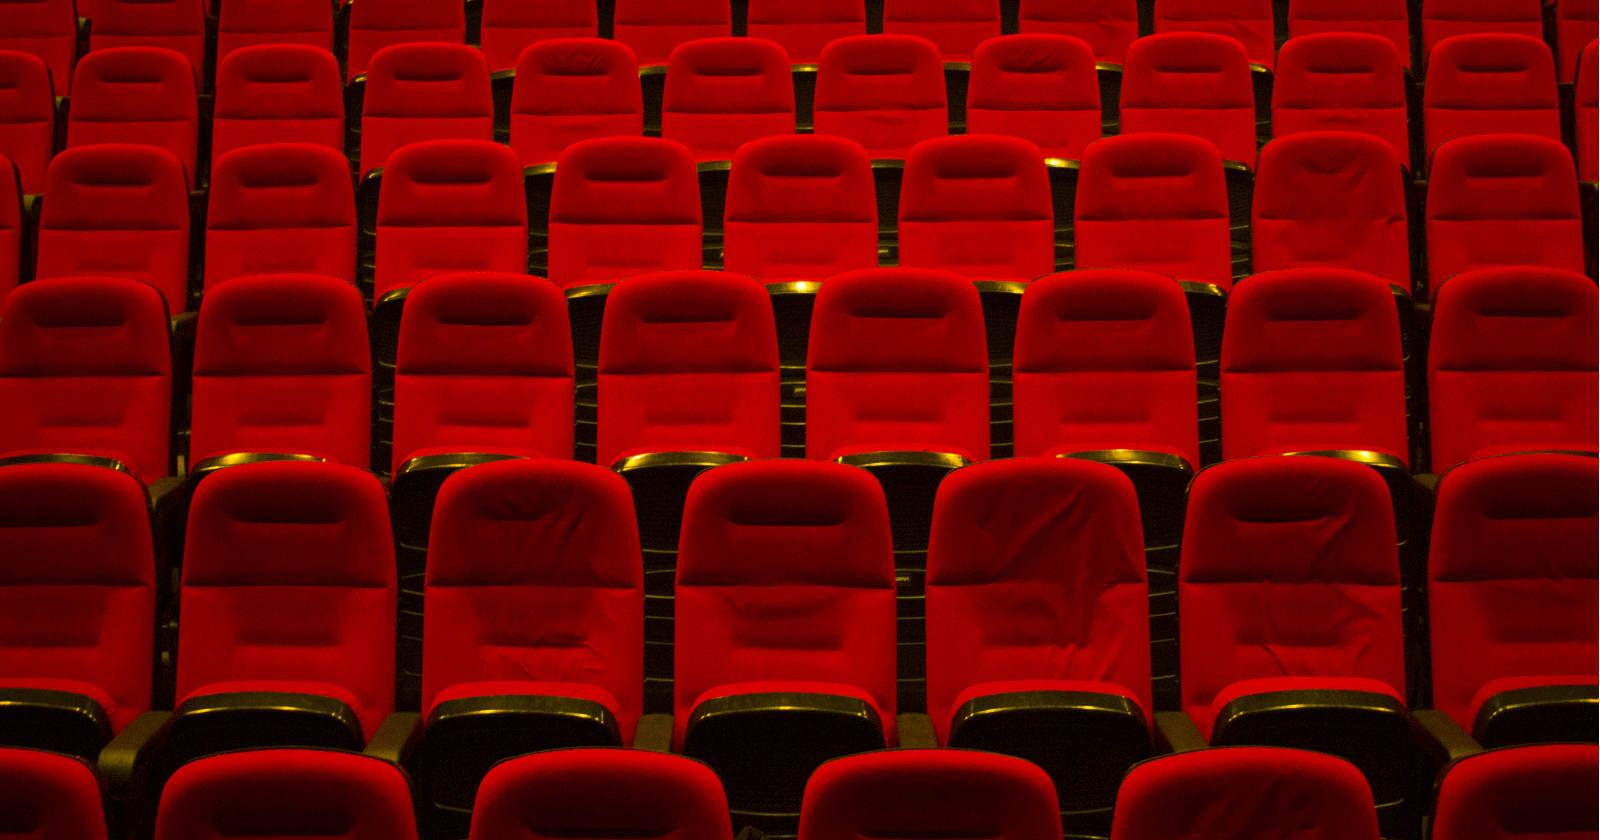 El crítico escenario del teatro en Chile por la pandemia del coronavirus